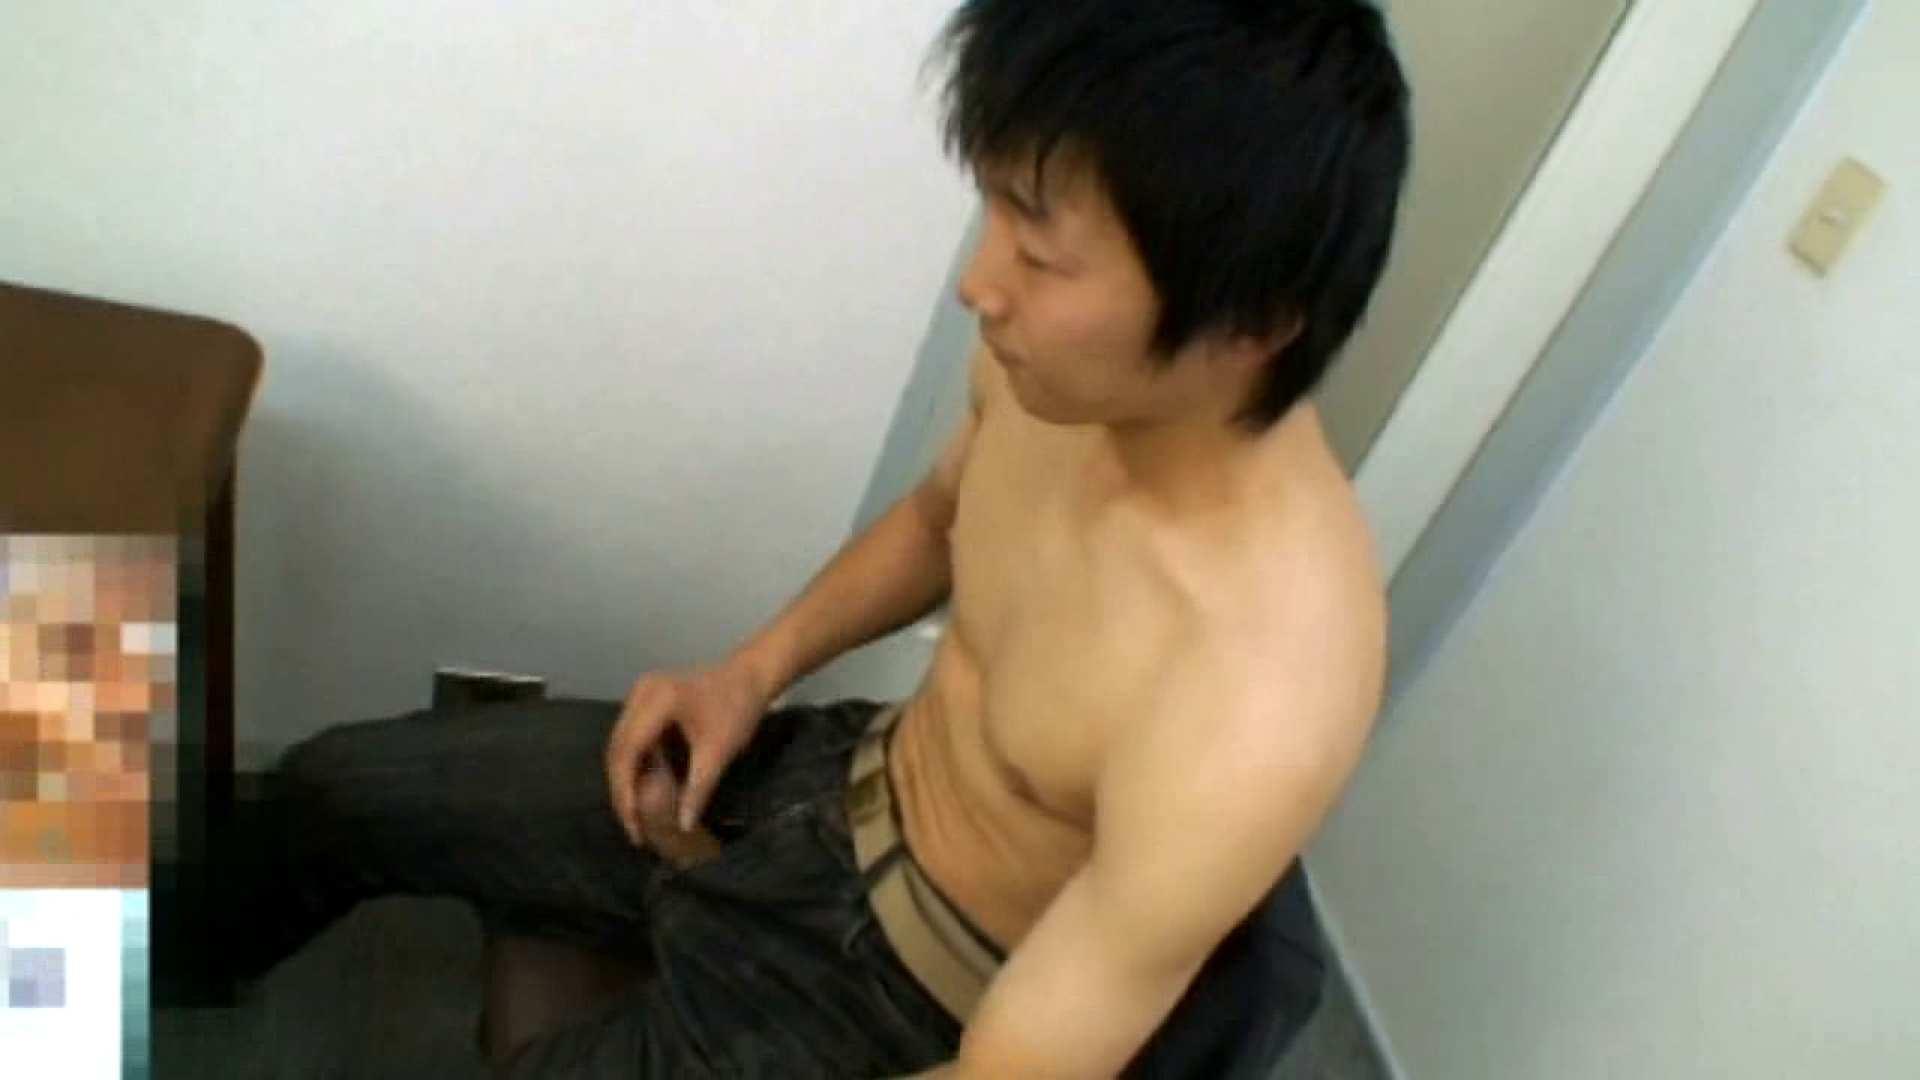 ノンケ!自慰スタジオ No.16 シコシコ   自慰  91画像 76